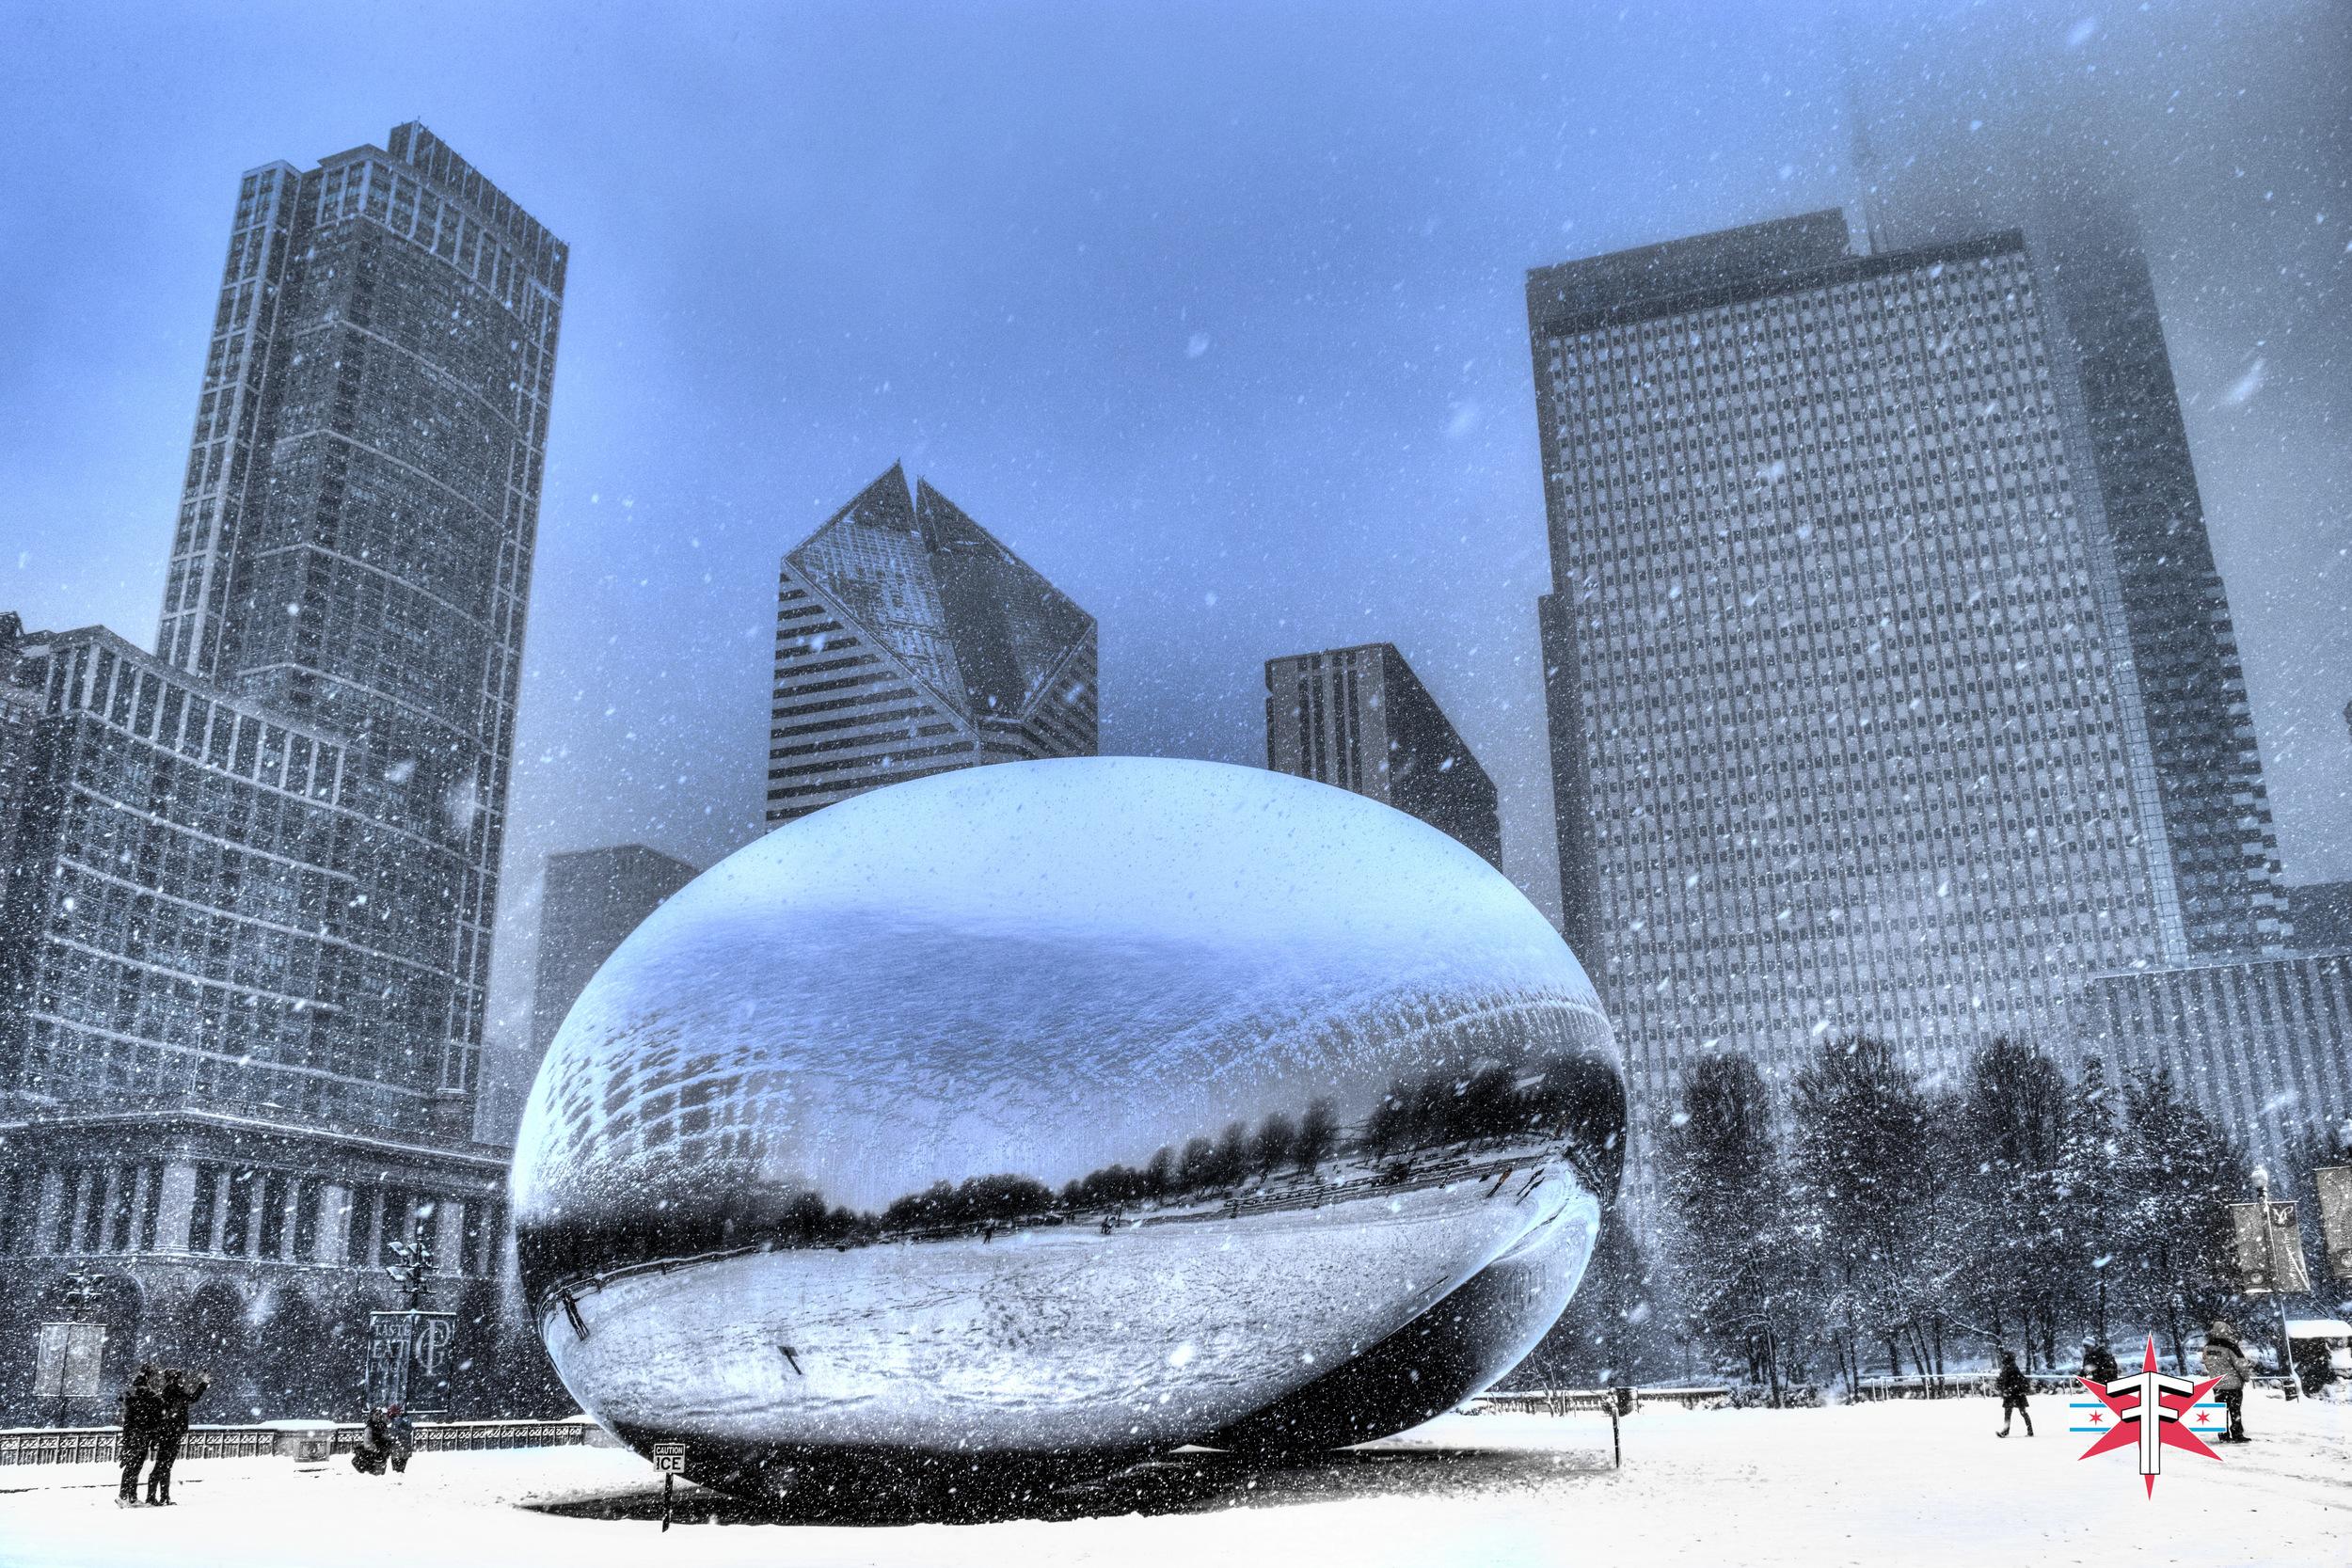 chicago art architecture eric formato photography design arquitectura architettura buildings skyscraper skyscrapers-222.jpg